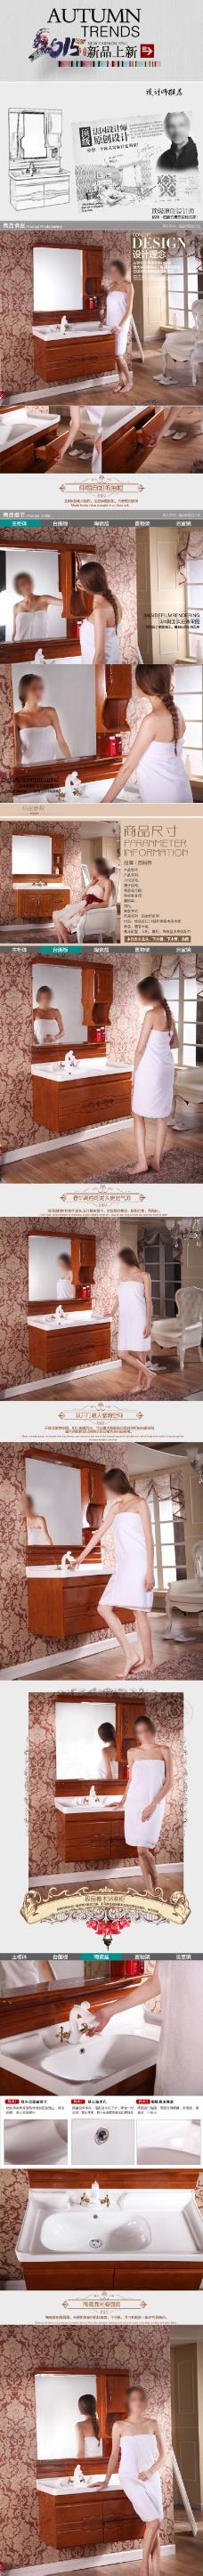 天猫浴室柜宝贝描述